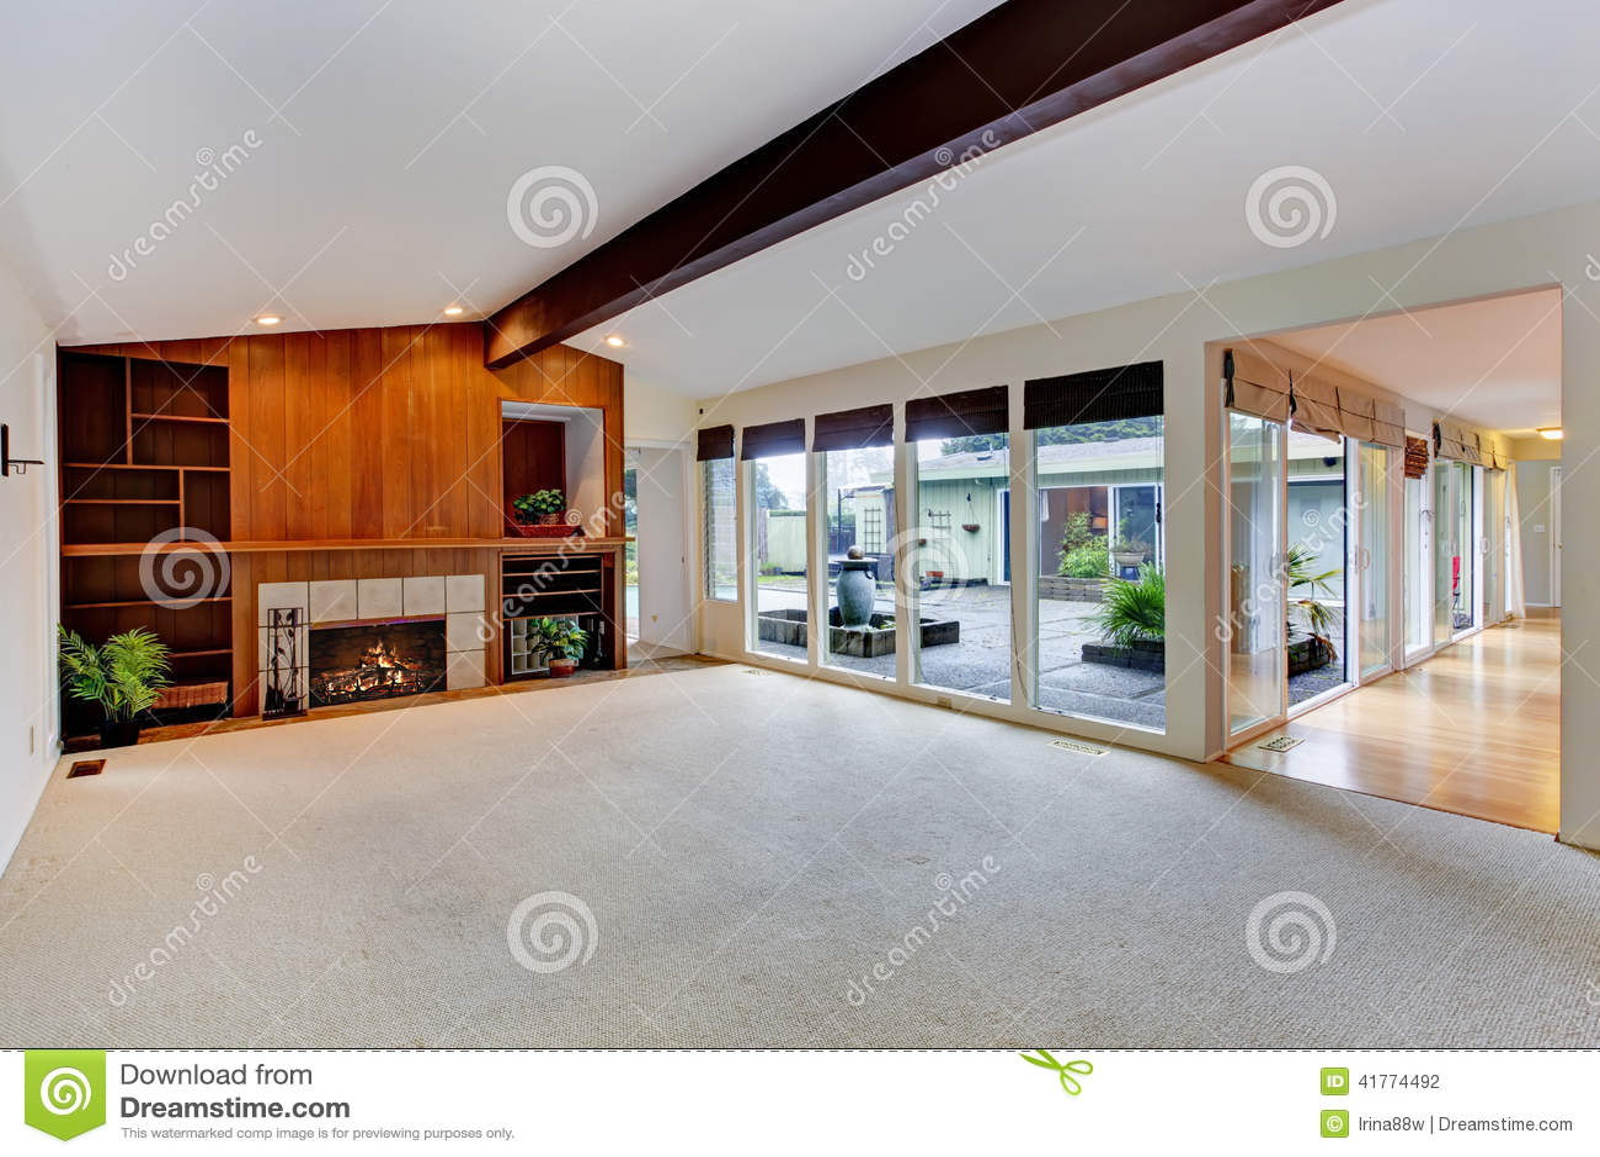 Schon Geräumiges Leeres Wohnzimmer Mit Kamin Und Glaswand